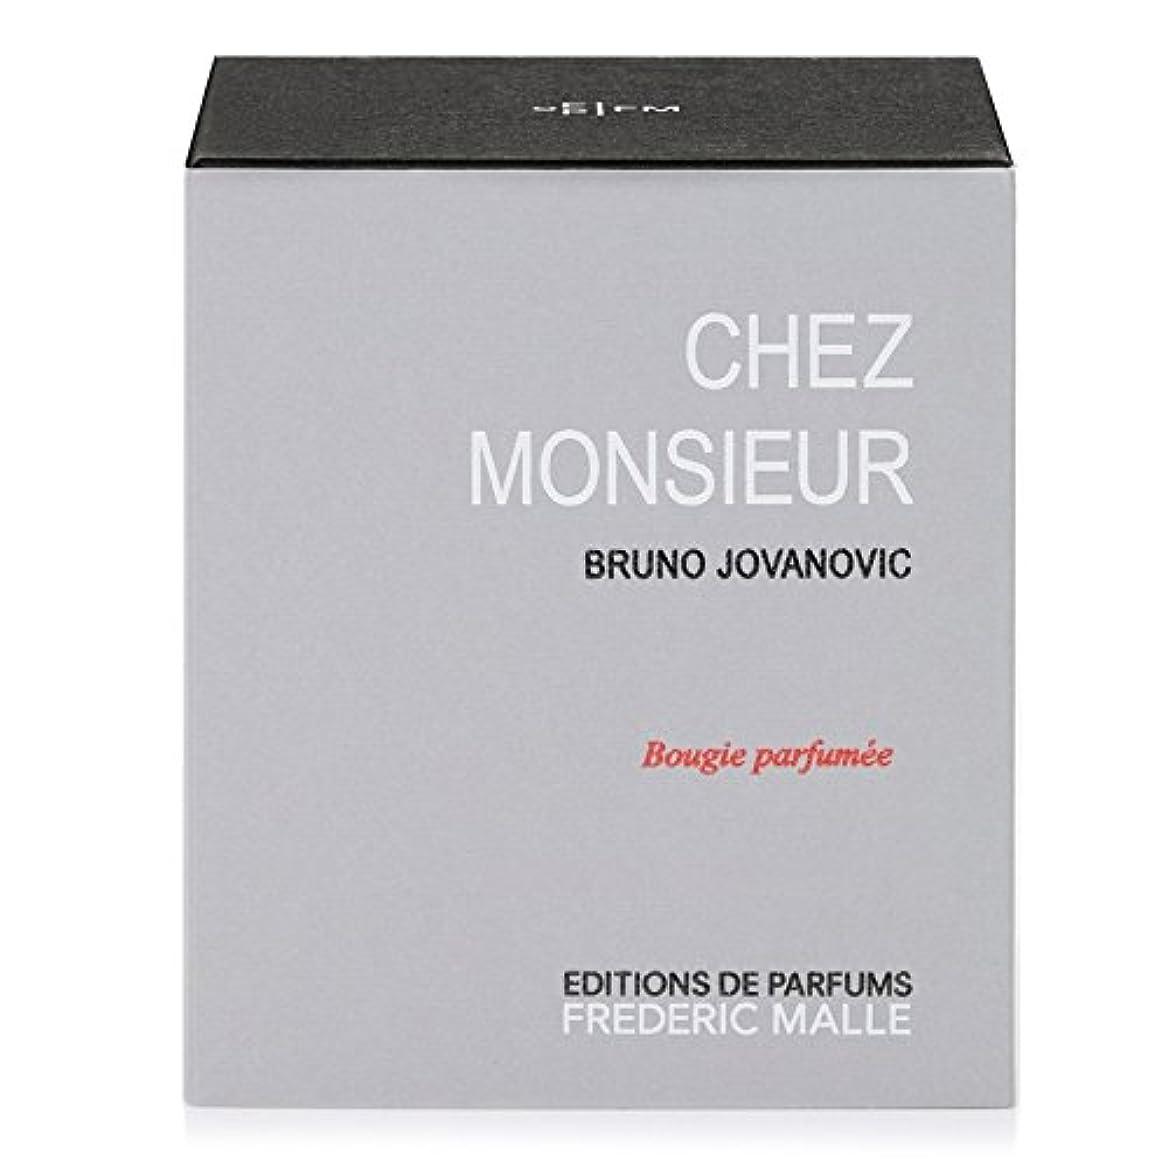 選挙フォロー氷フレデリック?マルシェムッシュ香りのキャンドル220グラム x6 - Frederic Malle Chez Monsieur Scented Candle 220g (Pack of 6) [並行輸入品]